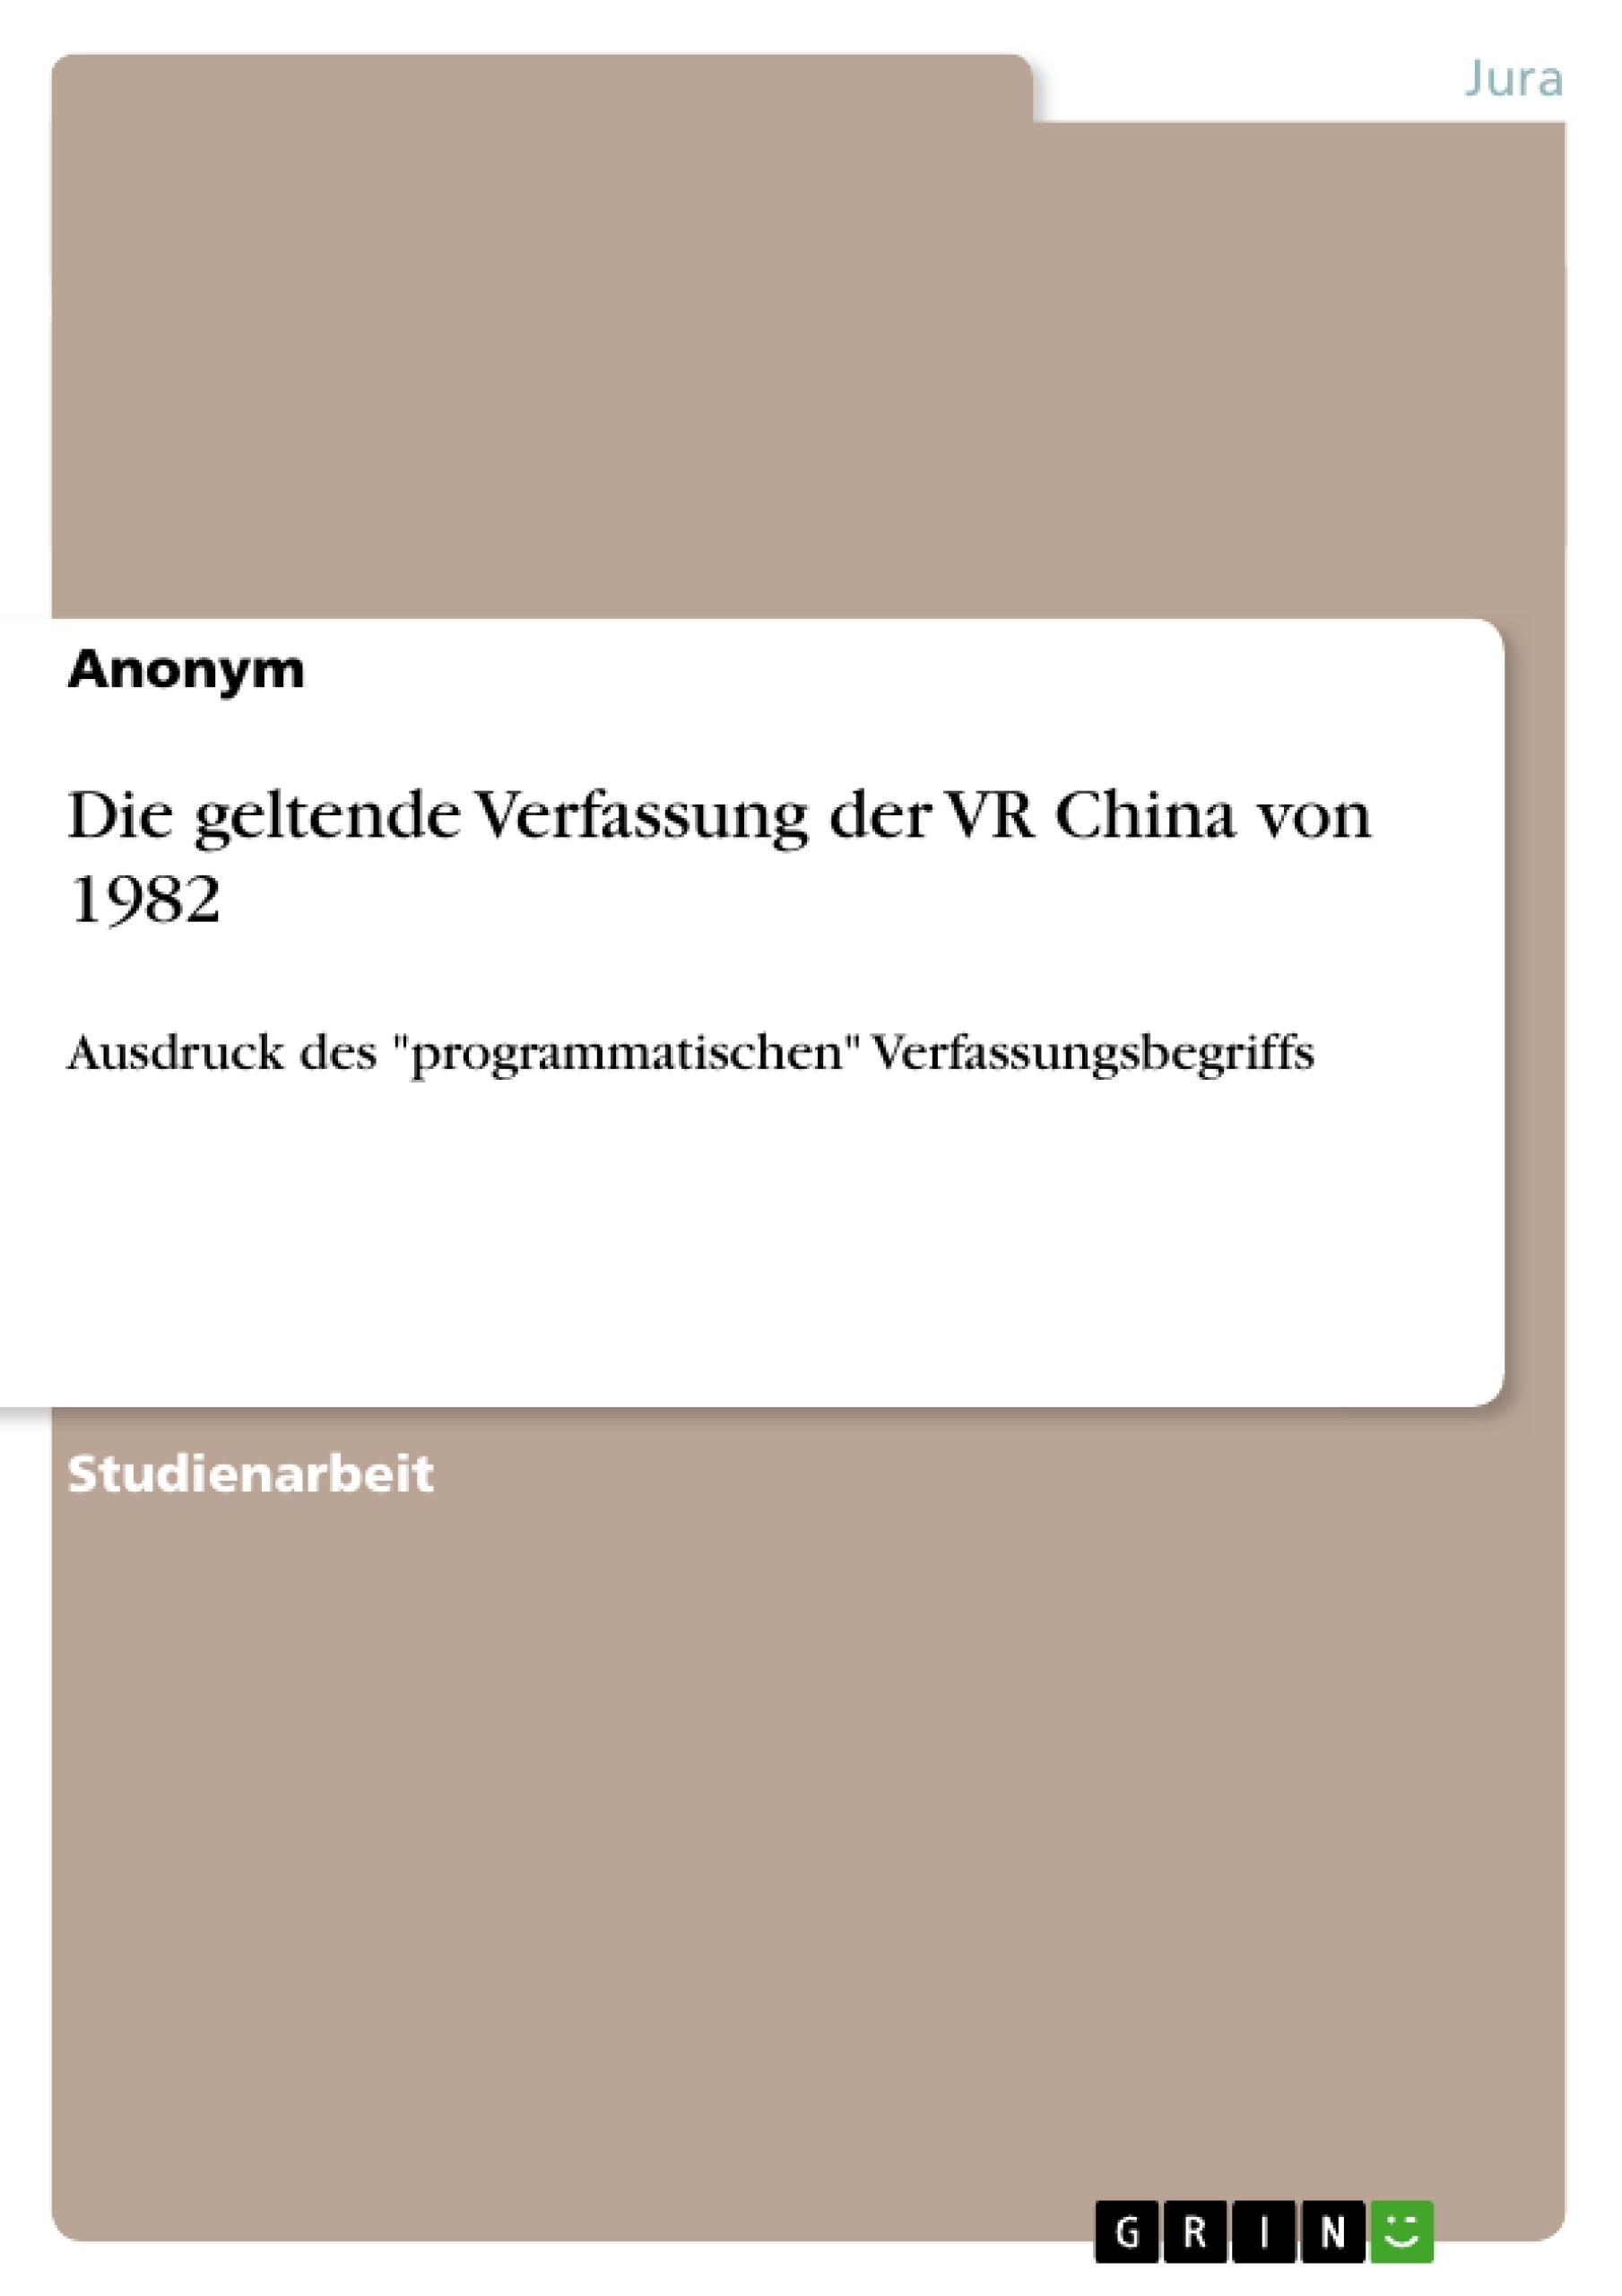 Titel: Die geltende Verfassung der VR China von 1982